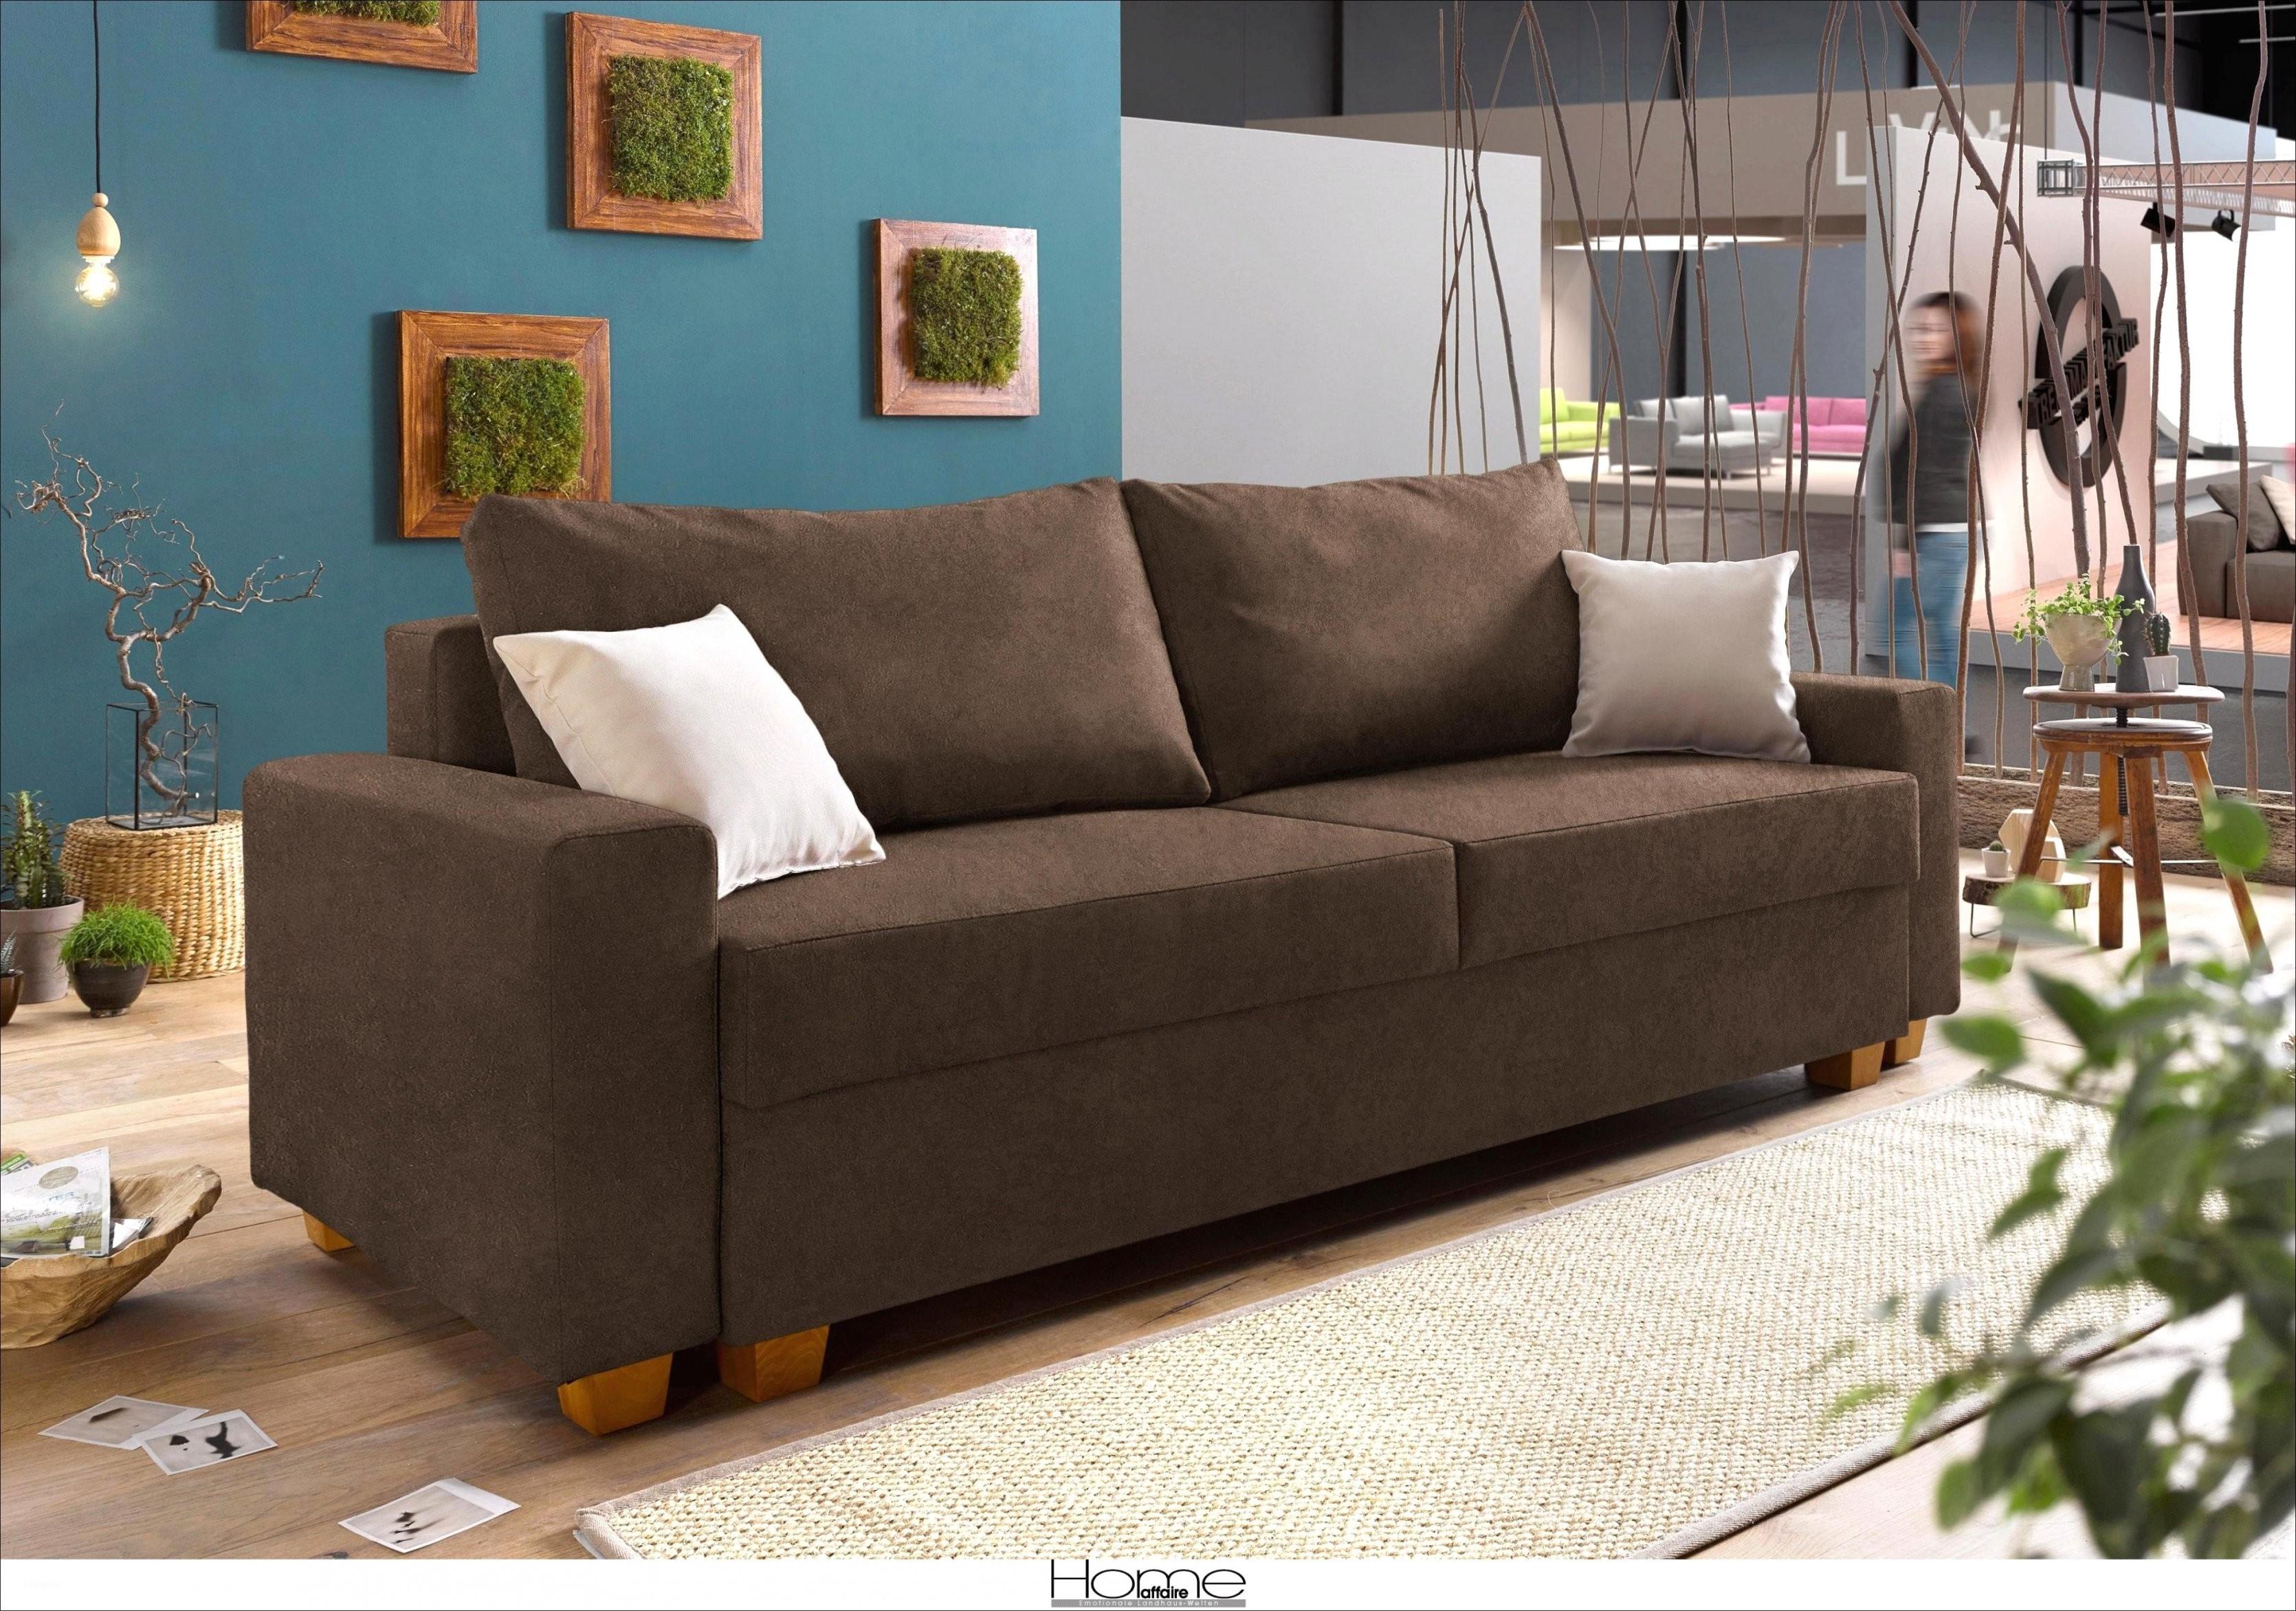 62 Perfekt Bilder Von Sofa Landhausstil Holz  Sofaideen von Sofa Landhausstil Holz Photo